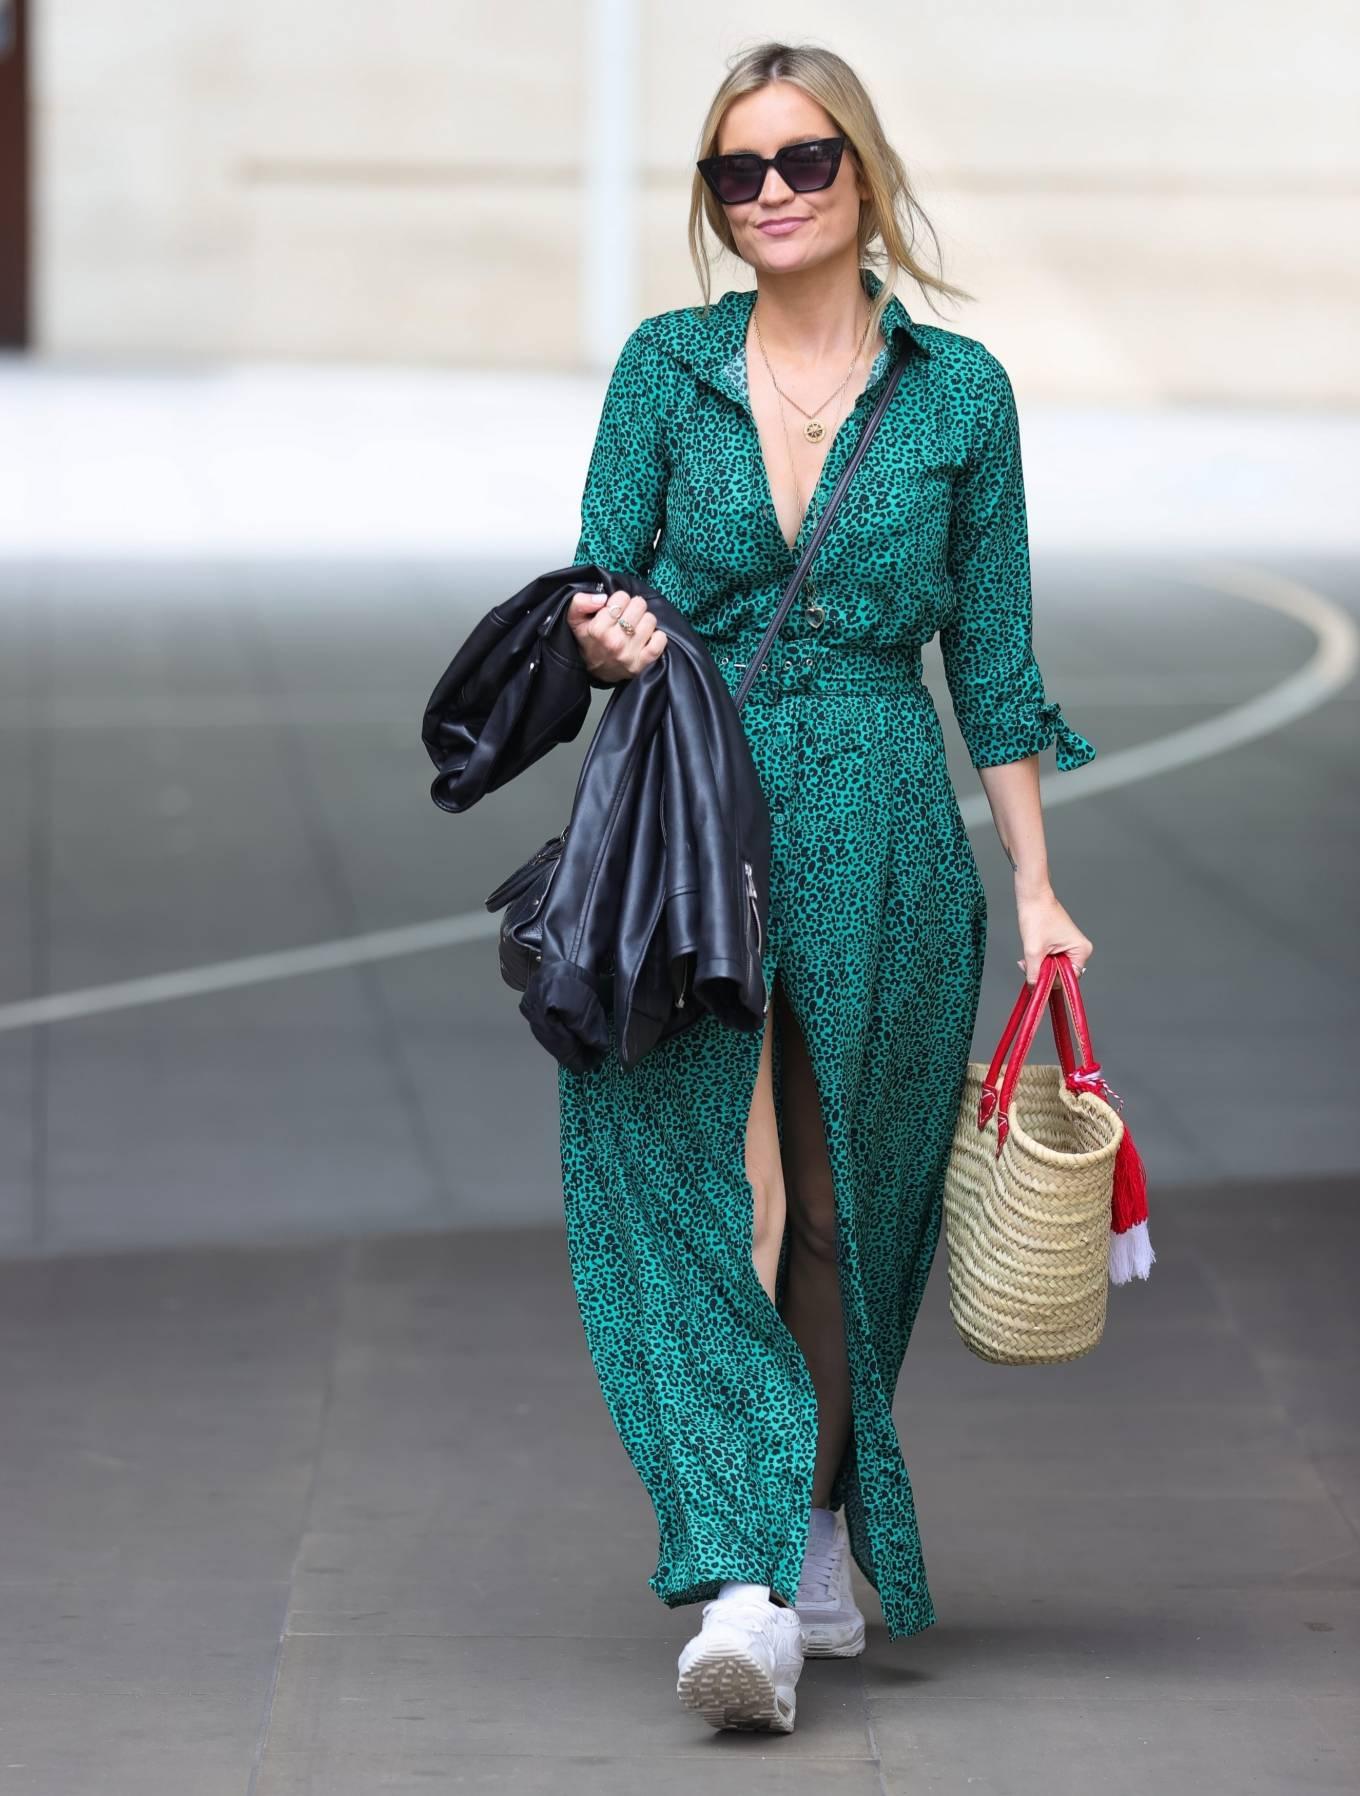 Laura Whitmore - In split dress at BBC studios in London